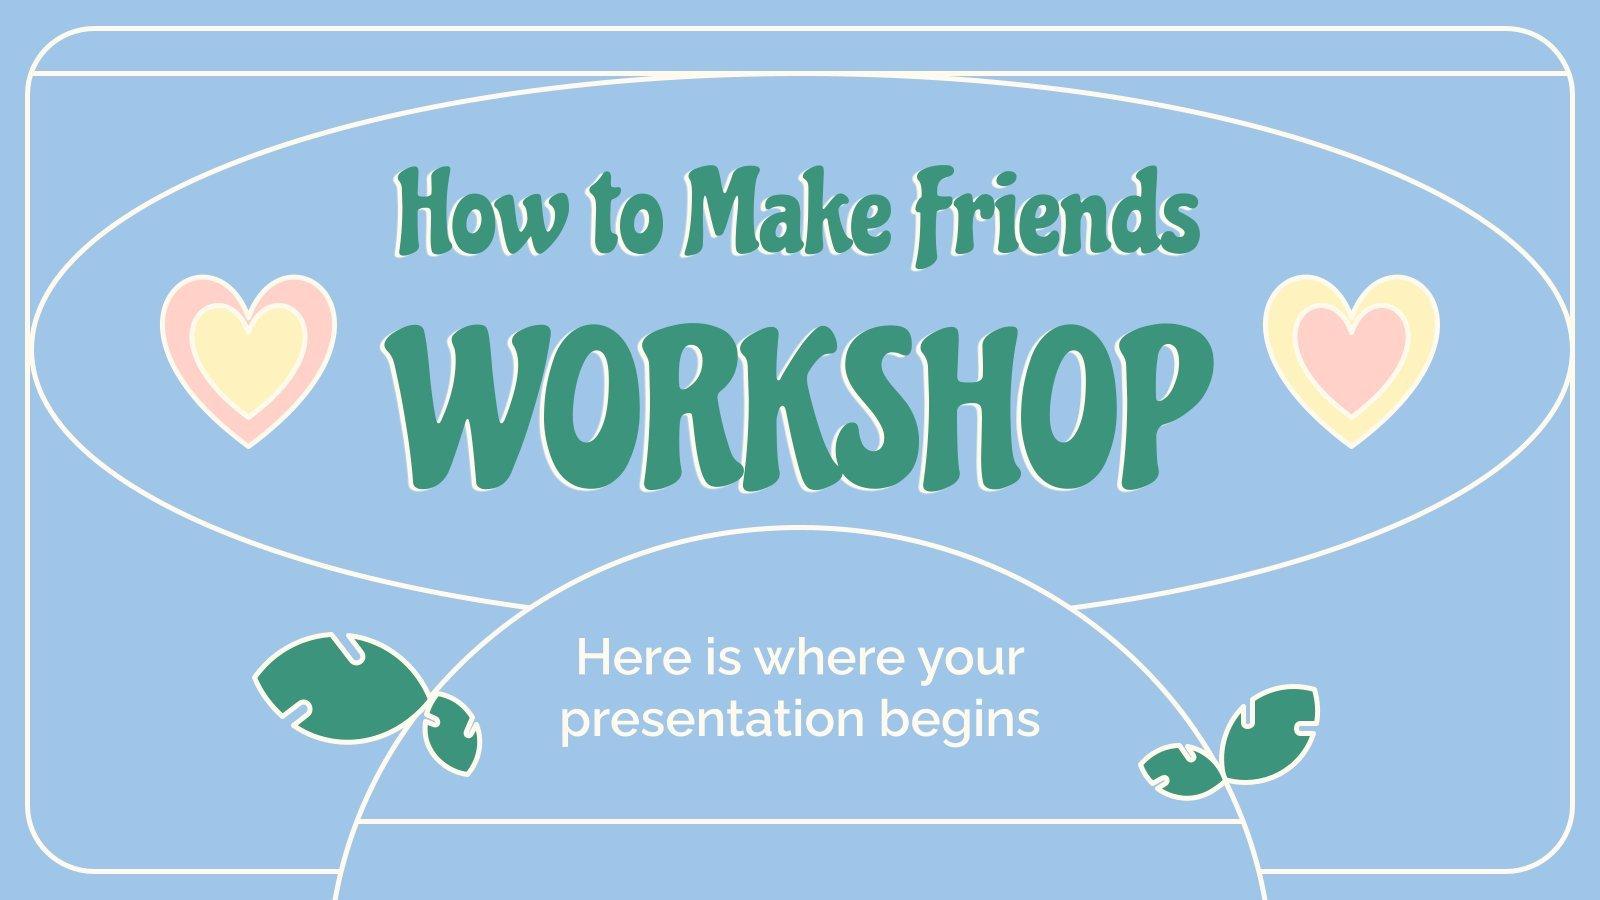 Atelier sur comment se faire des amis : Modèles de présentation